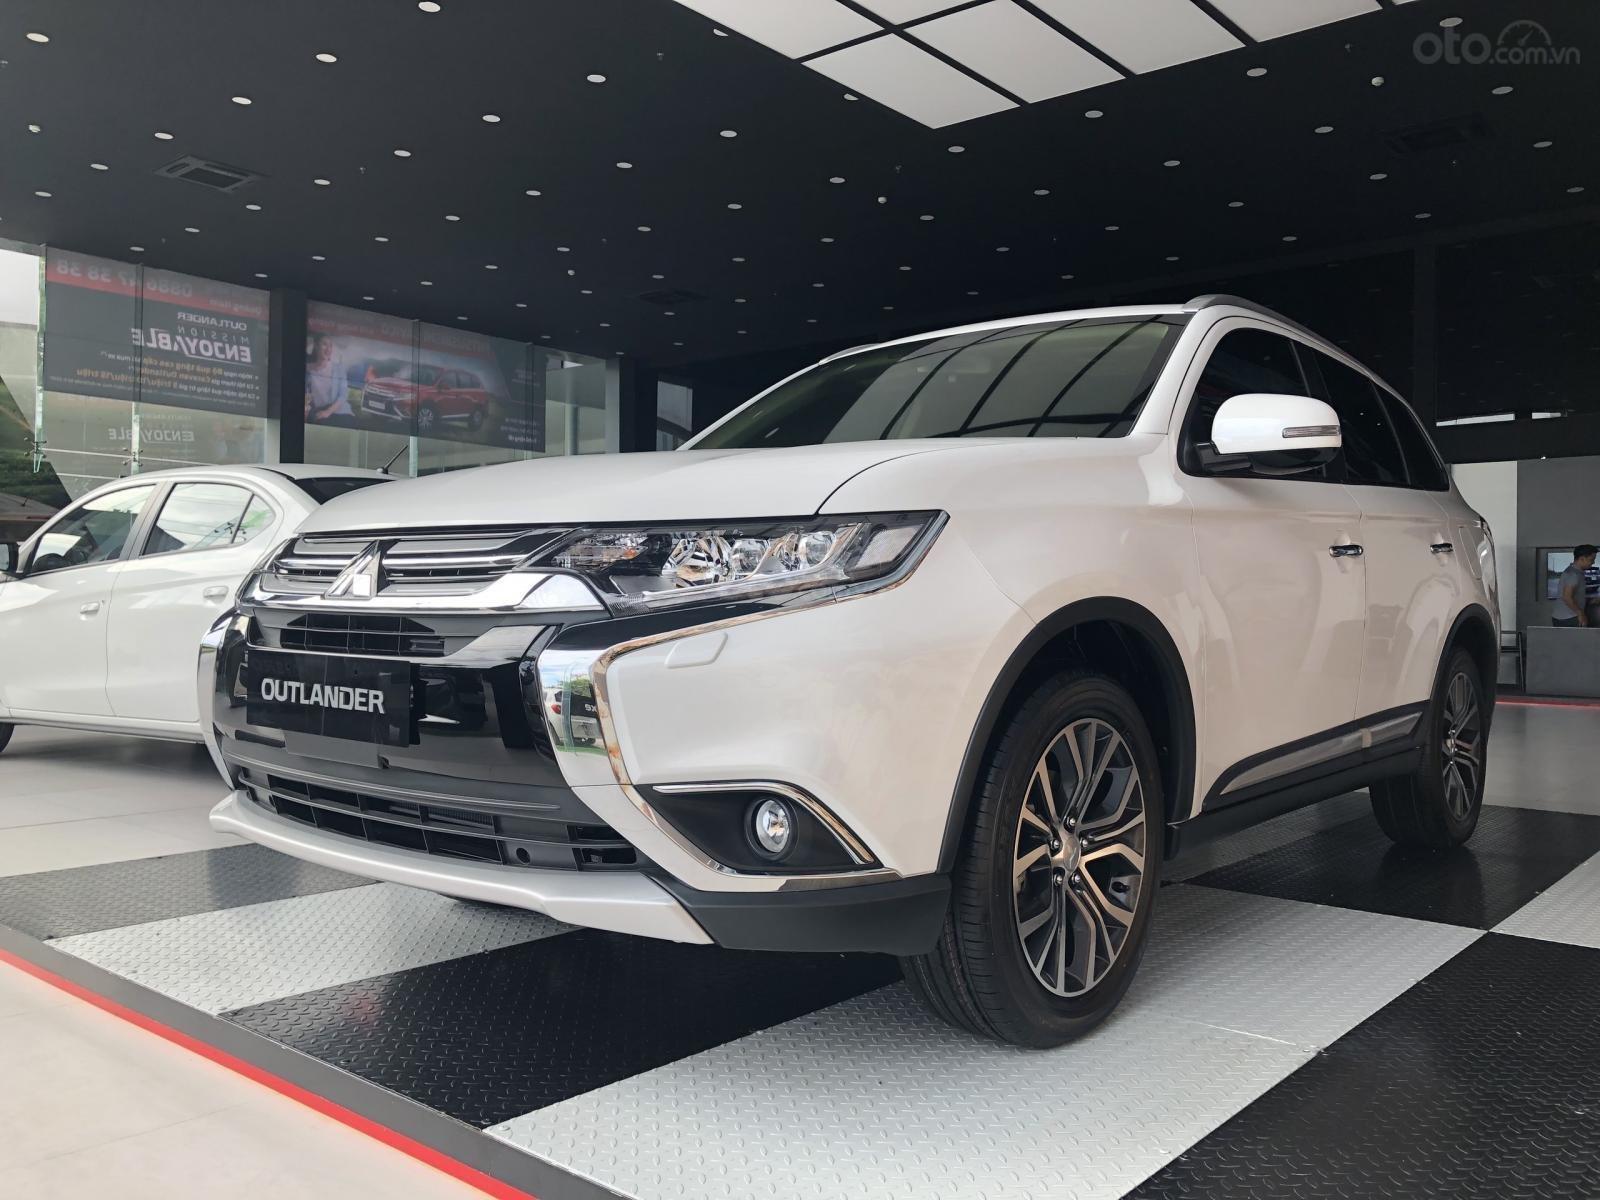 Mitsubishi khuyến mại tháng 11/2019: Mitsubishi Pajero Sport giảm gần 100 triệu đồng a2